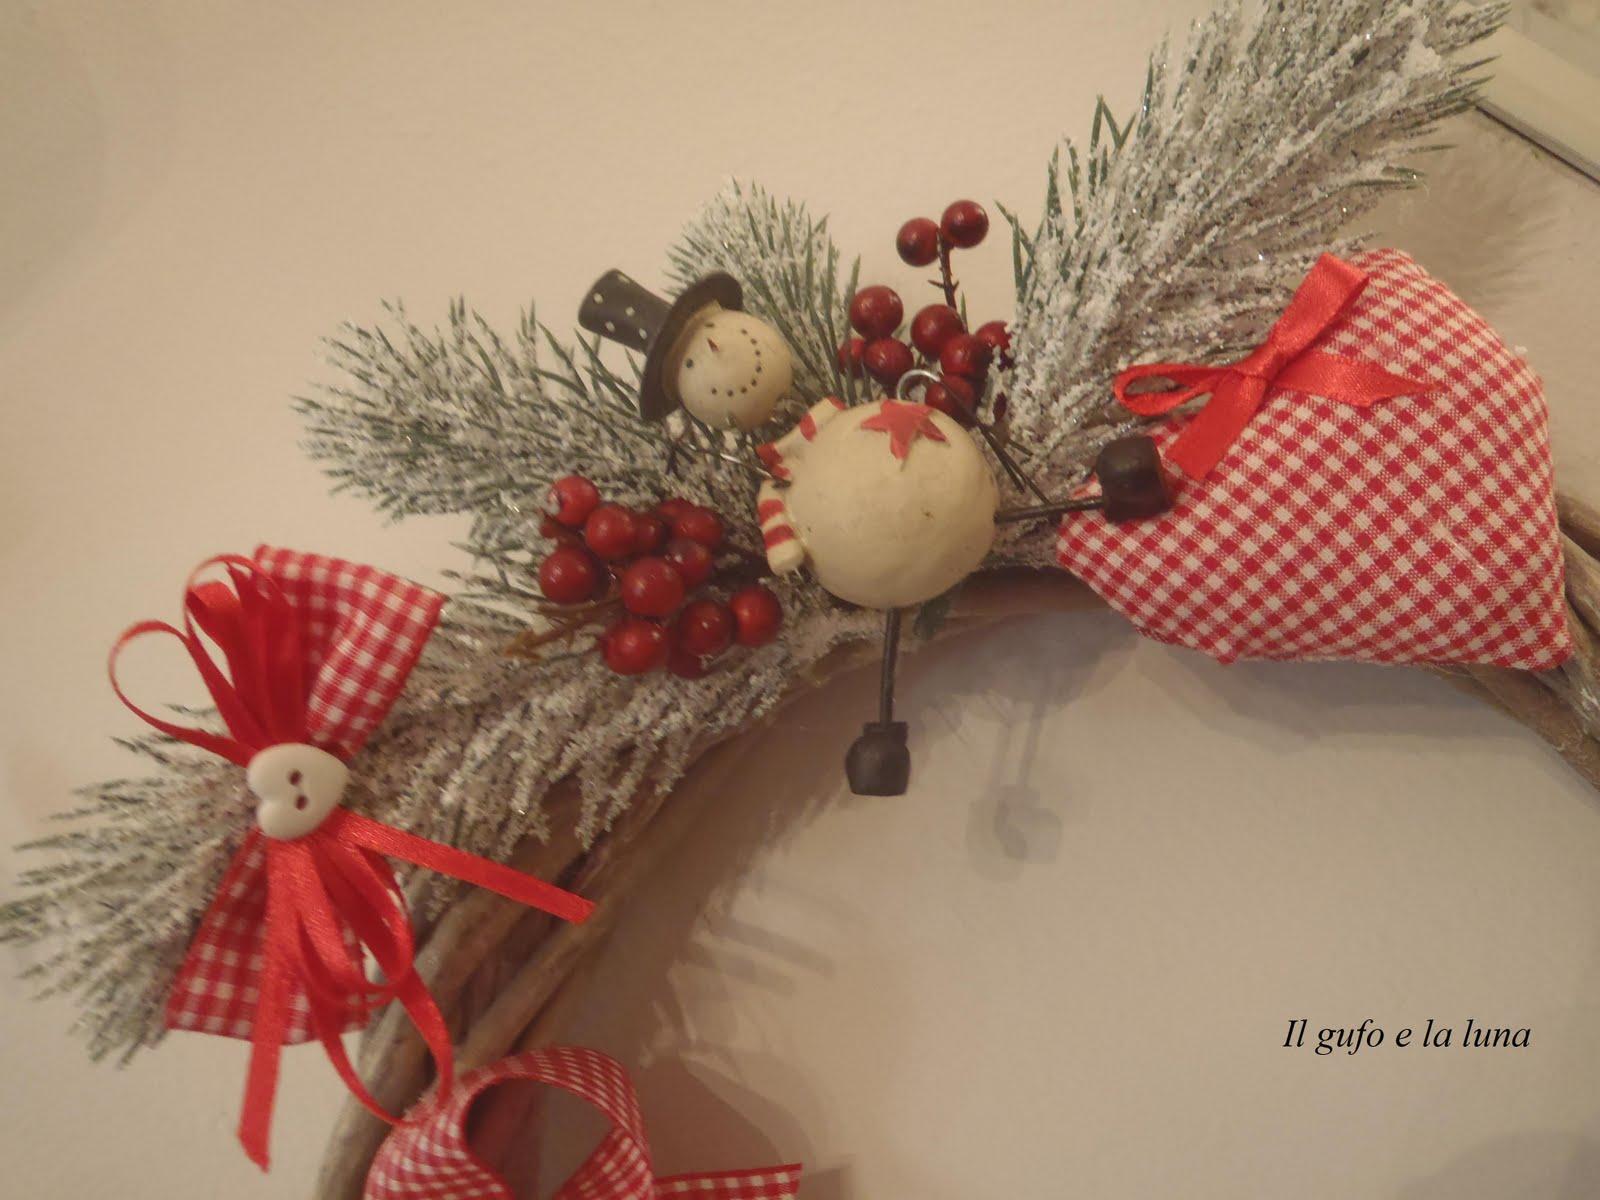 Il gufo e la luna shabby chic country style ghirlande - Decorazioni natalizie stile shabby chic ...